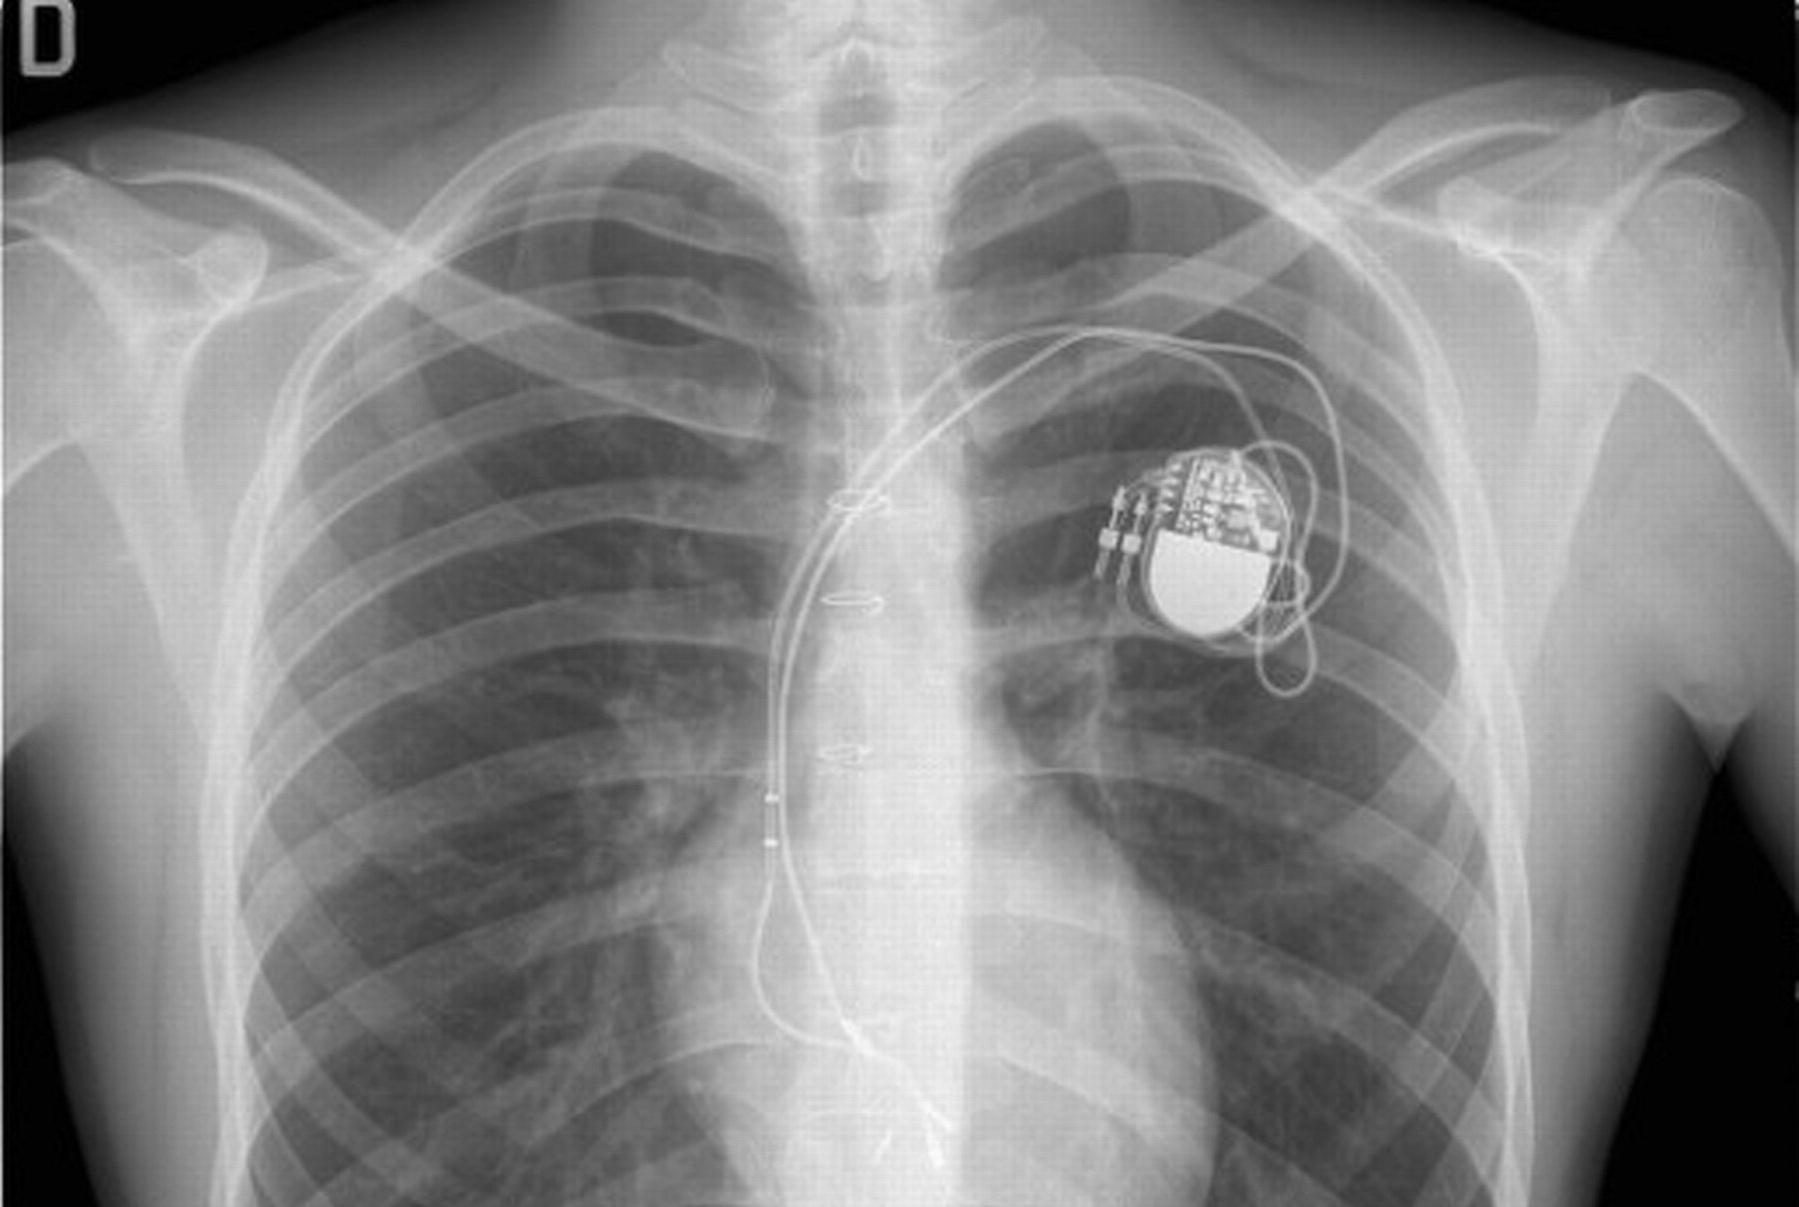 Эксперты обнаружили и эксплуатировали «смертельные» уязвимости в кардиостимуляторах